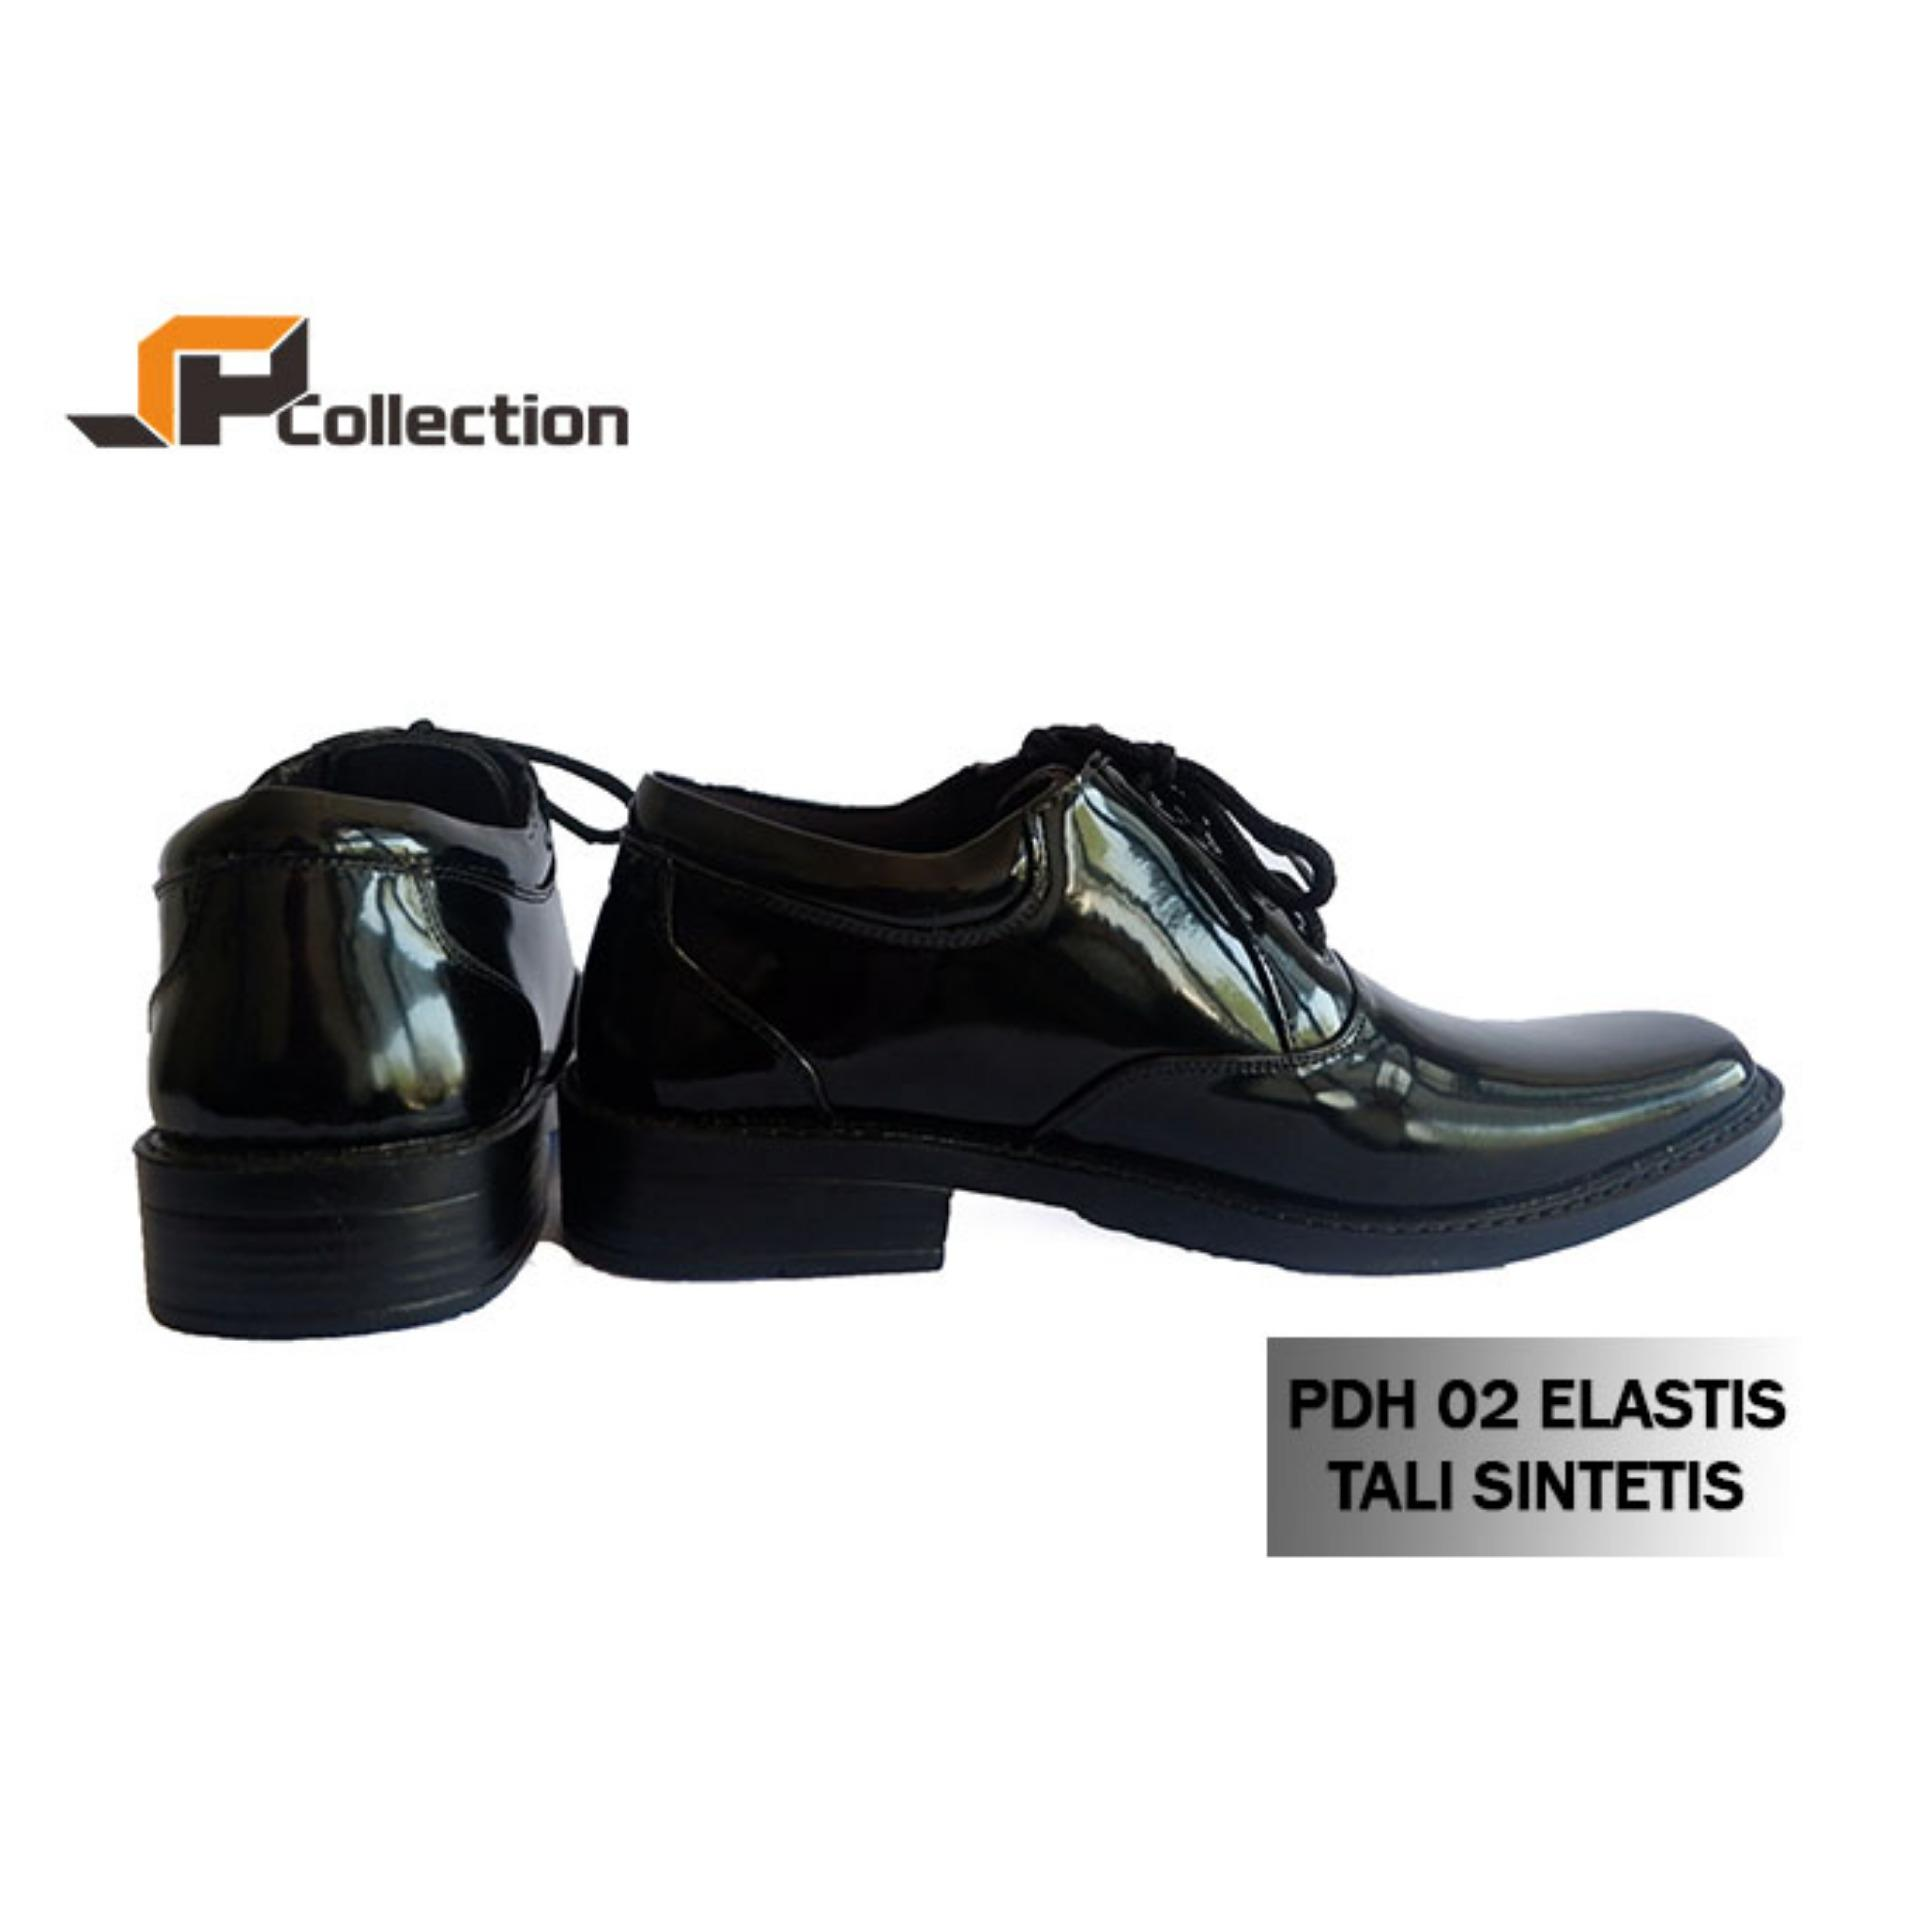 Toko Sepatu Pantofel Pdh 02 Elastis Tali Sintetis Kilap Untuk Sepatu Kerja Murah Jawa Tengah